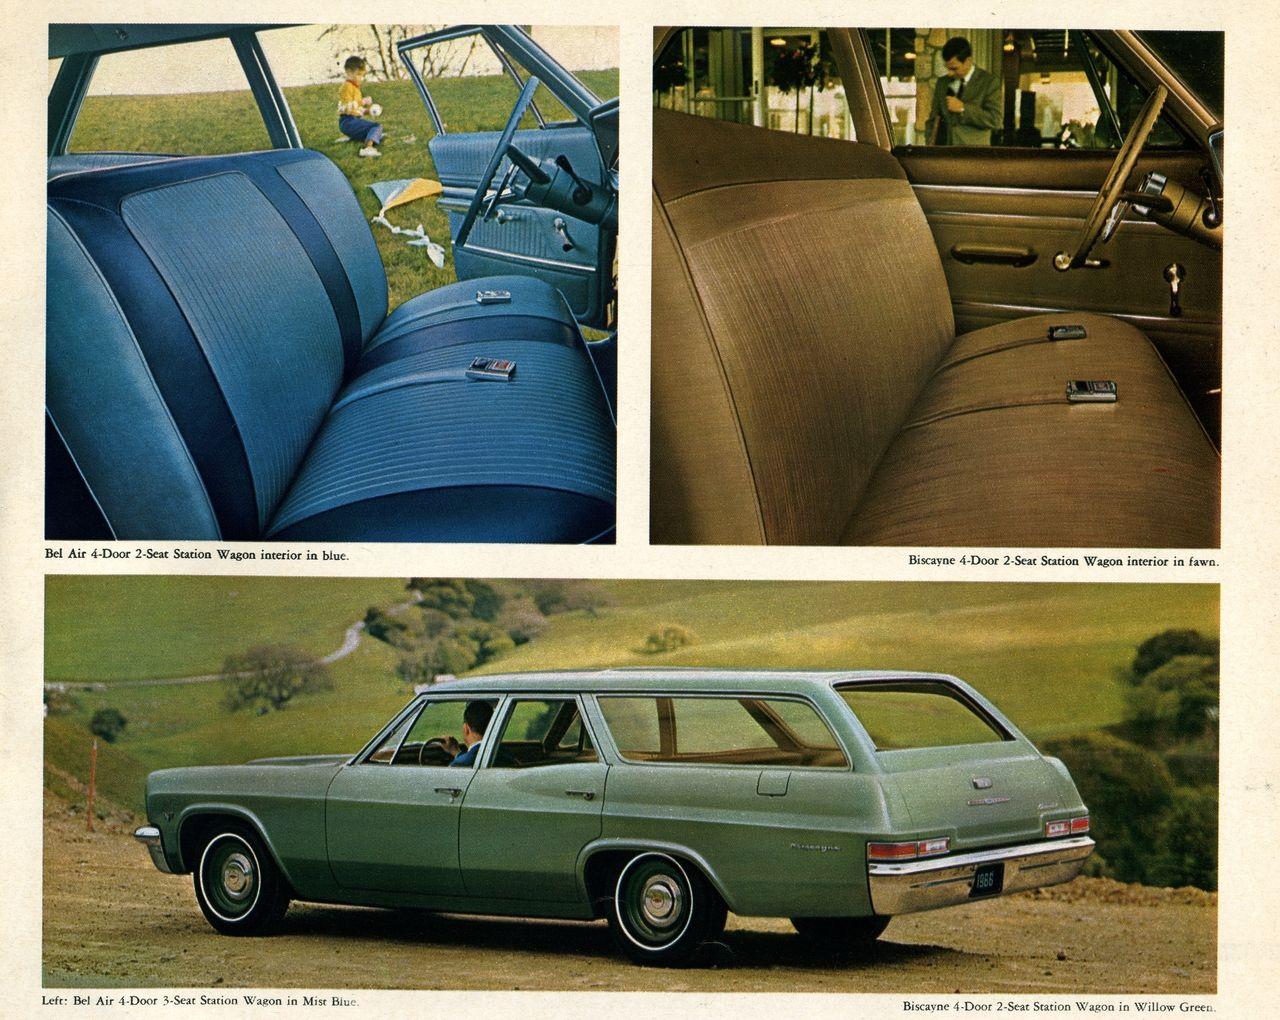 1966 Chevrolet Impala Chevrolet Chevrolet Impala Classic Cars Trucks